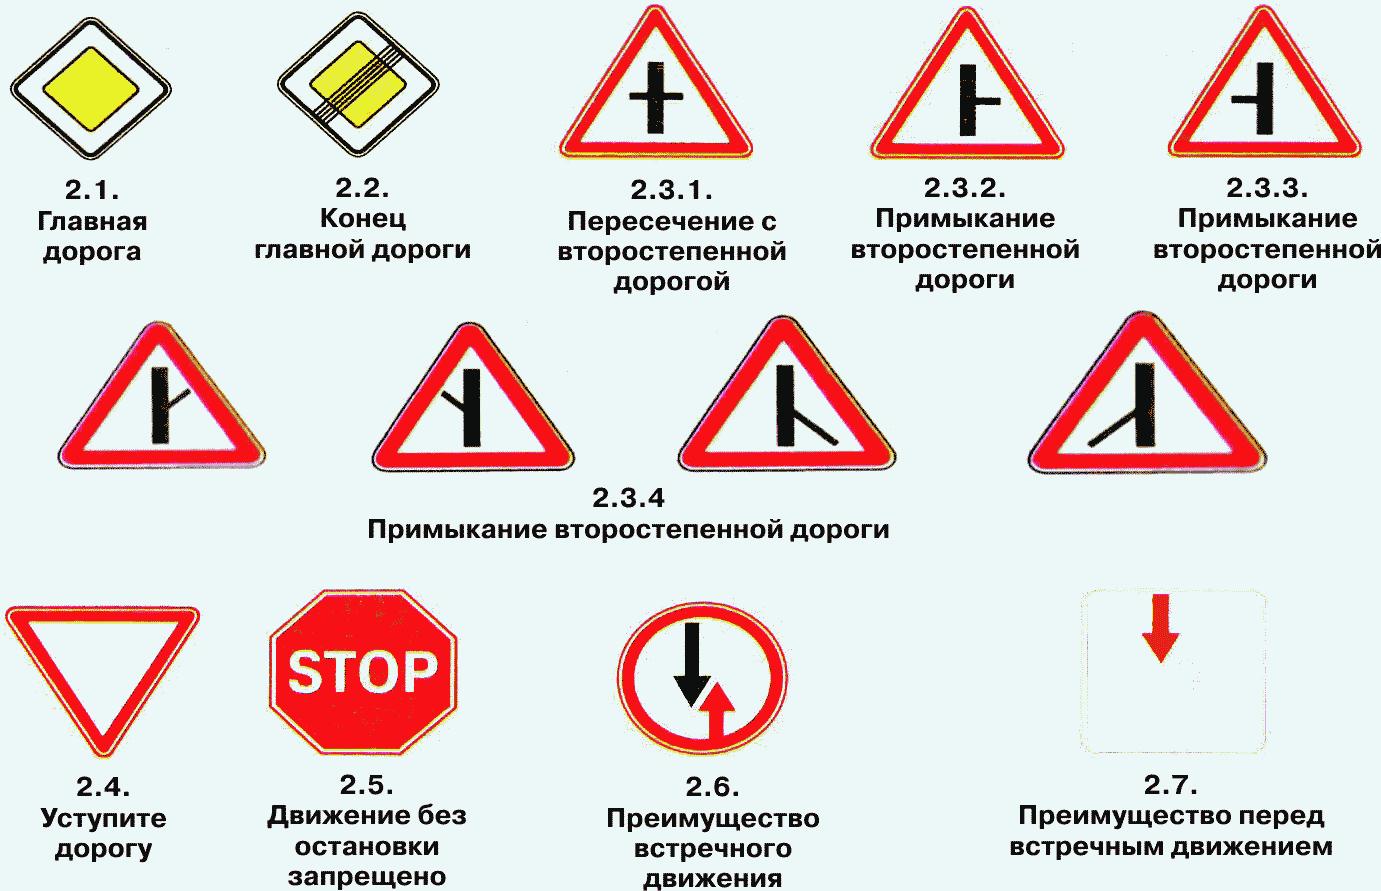 фото и наименование знаков приоритета бань Москвы